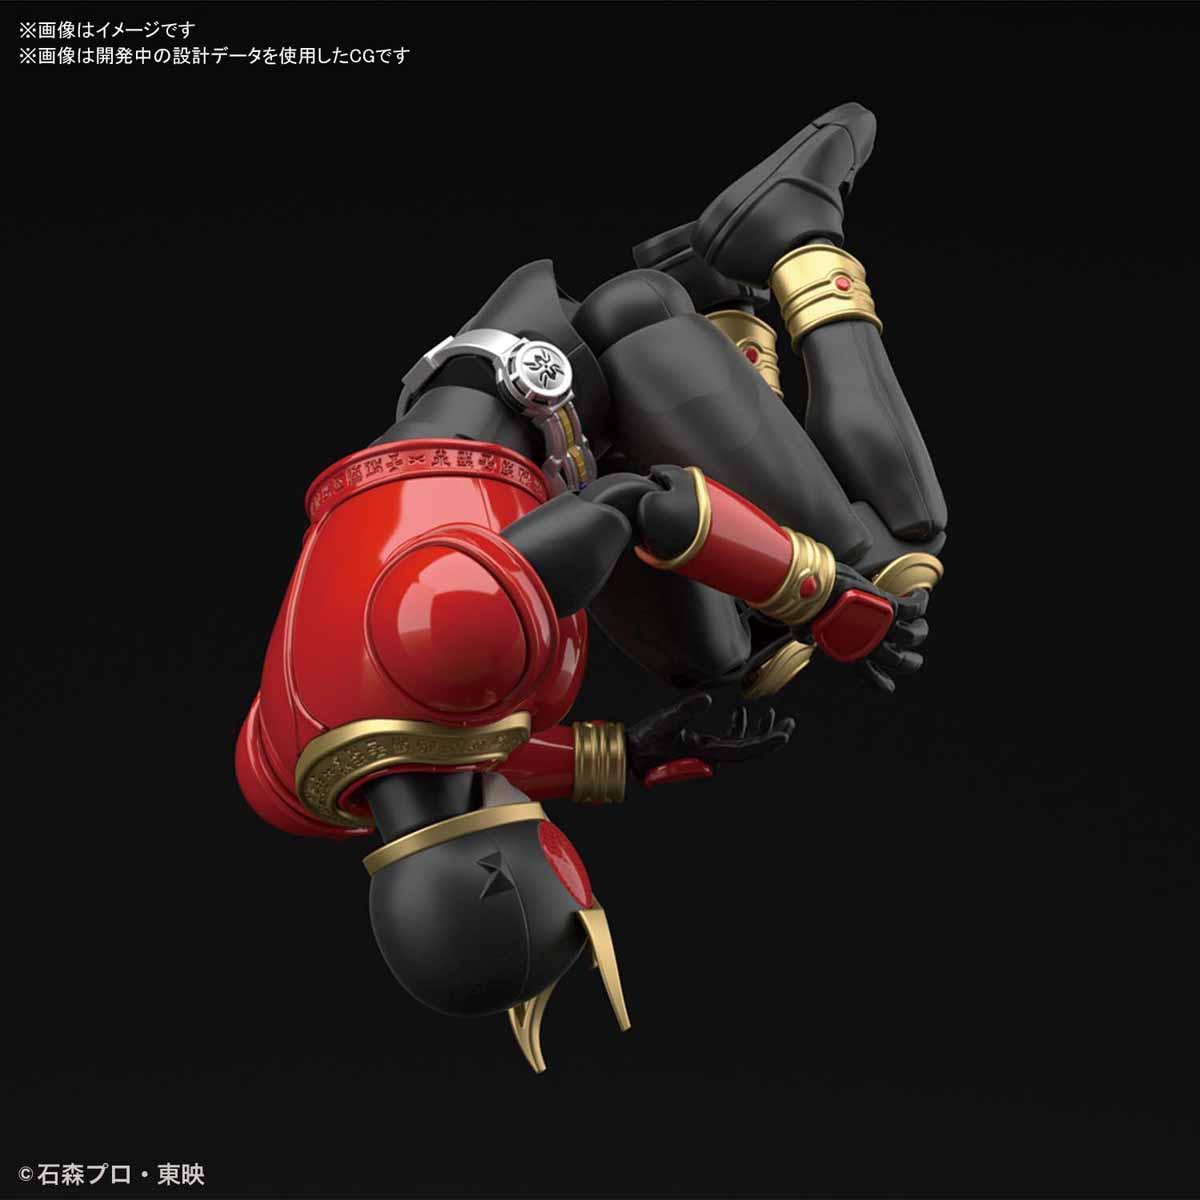 Figure-rise Standard『仮面ライダークウガ マイティフォーム』プラモデル-004